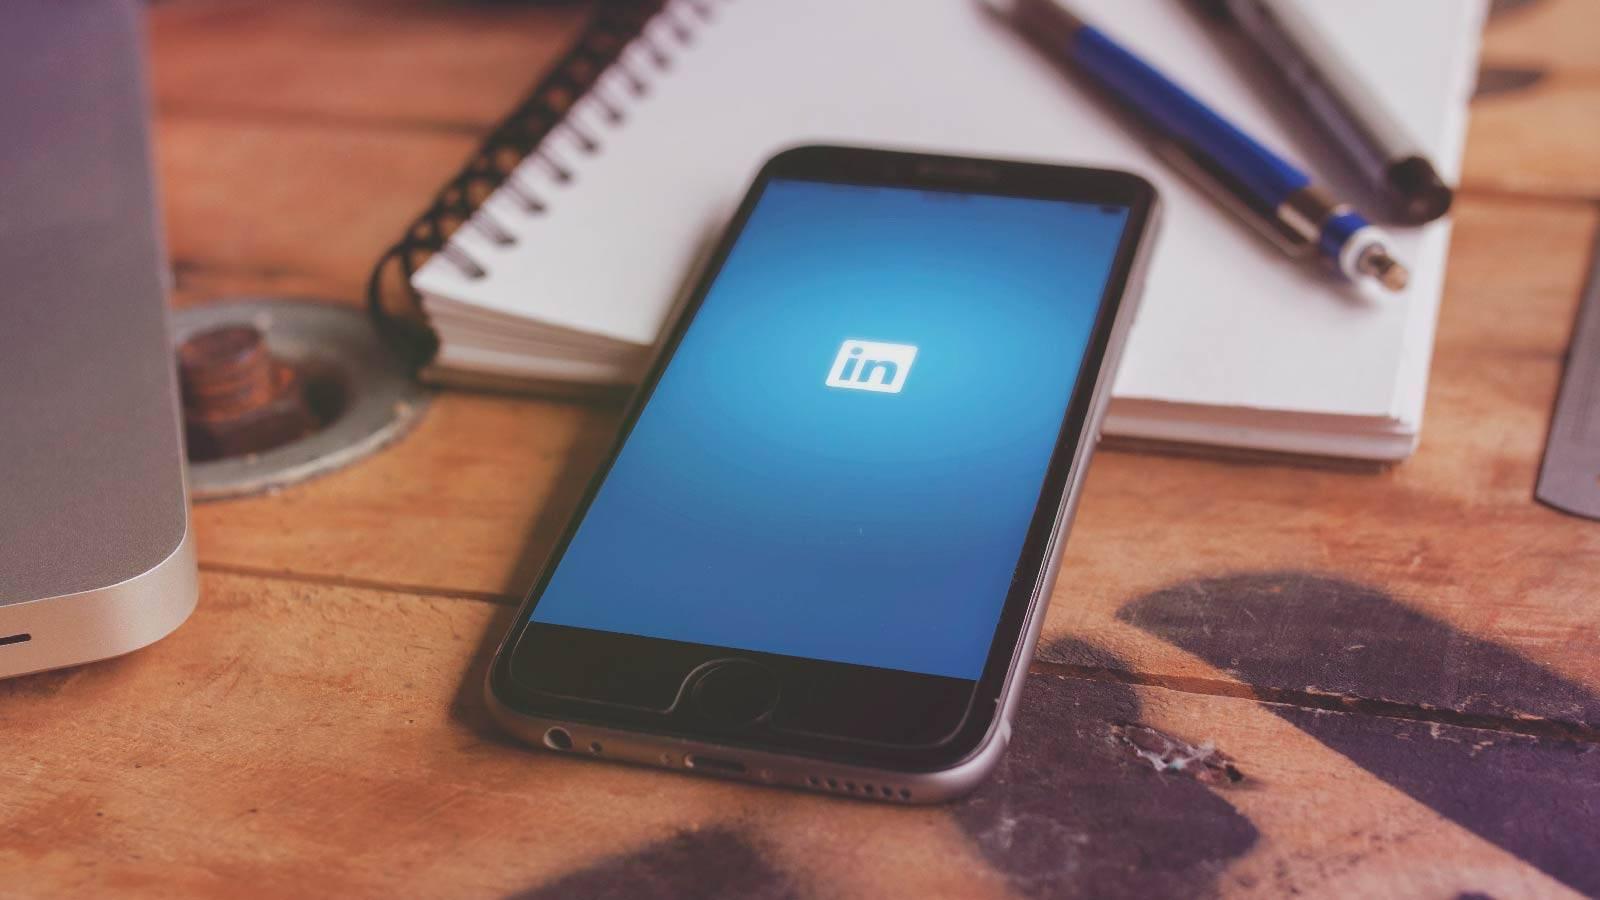 Curioso bug de LinkedIn permitía postear empleos falsos a nombre de empresas